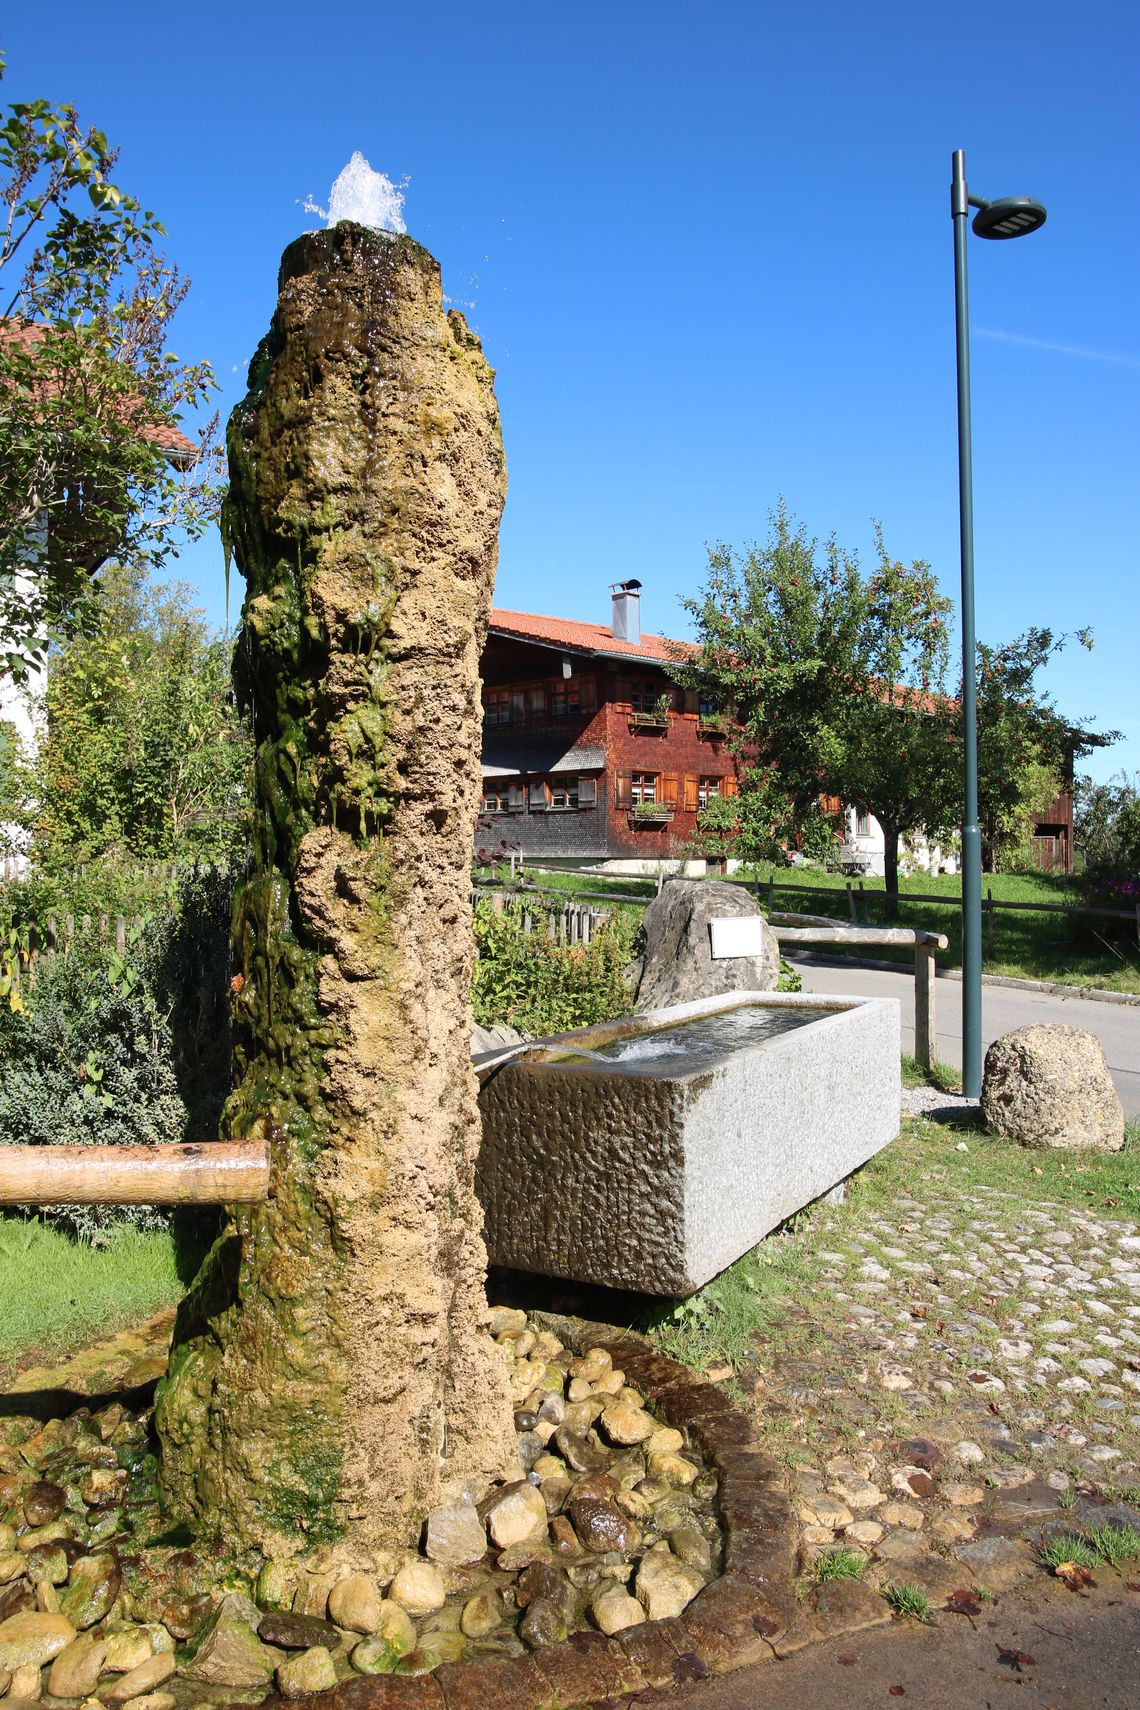 Brunnenstock in Faistenoy  - © Gabriele Postner , Kur- und Tourismusbüro Oy-Mittelberg